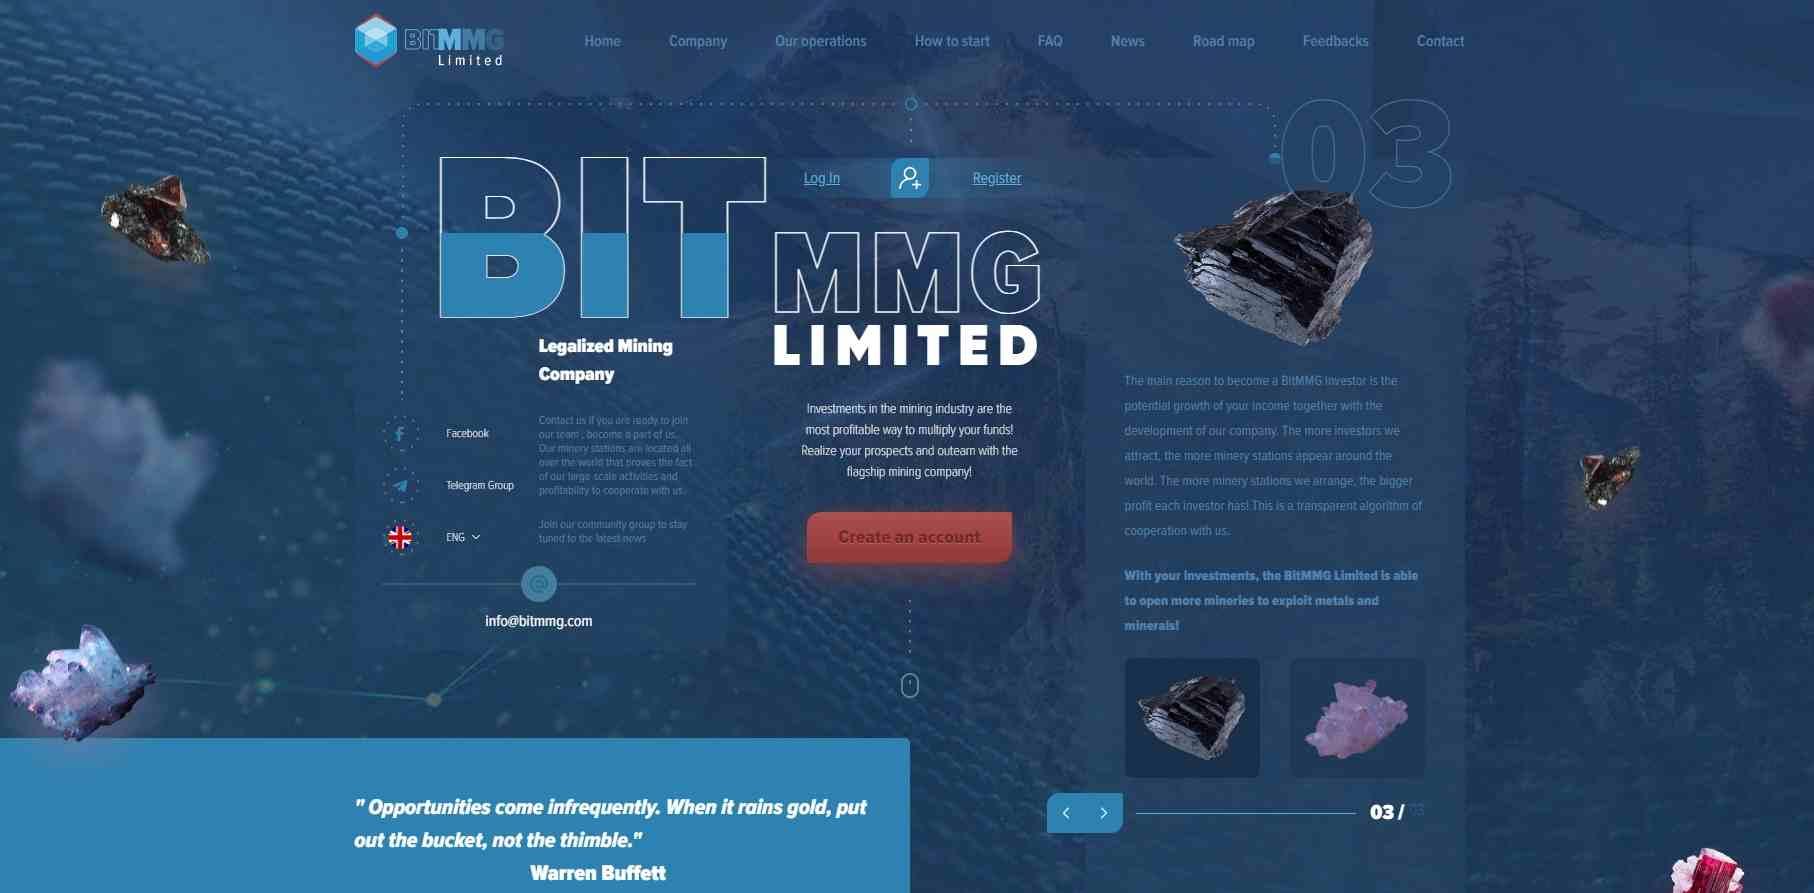 Bitmmg Limited